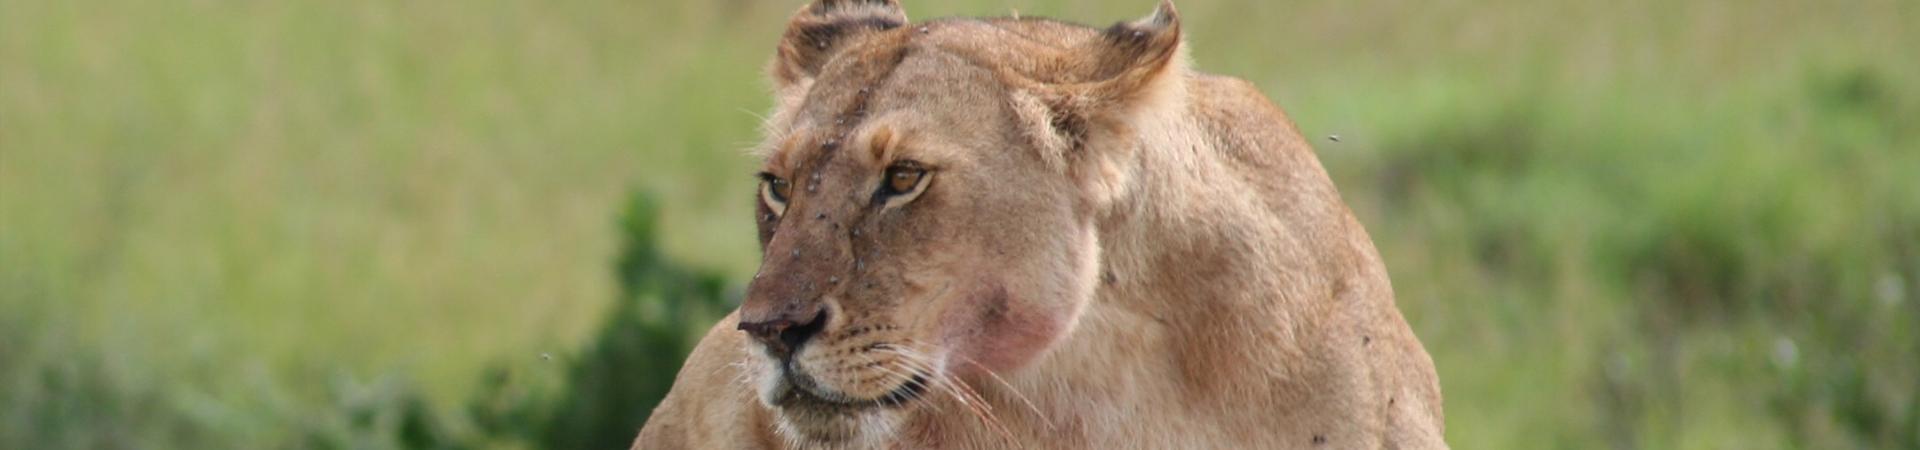 lion at serengeti park